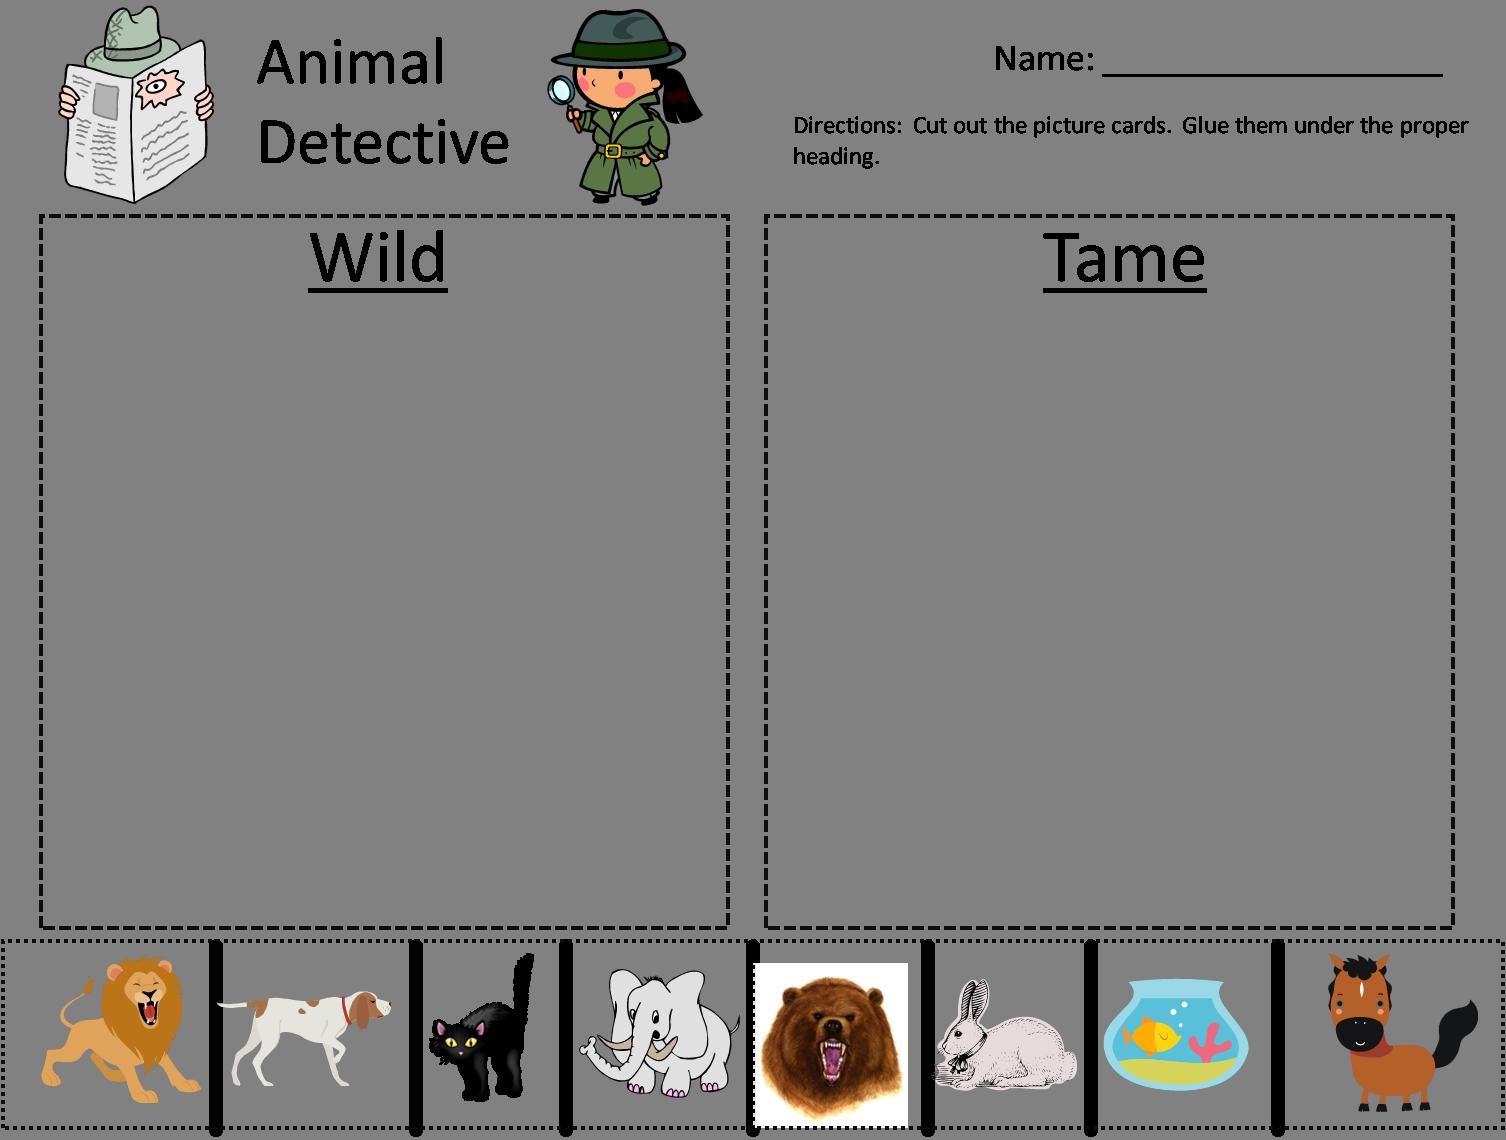 School Happenings Wild Animals Vs Tame Animals Tame Animals Animals Wild Kindergarten Sorting Activities [ 1140 x 1506 Pixel ]